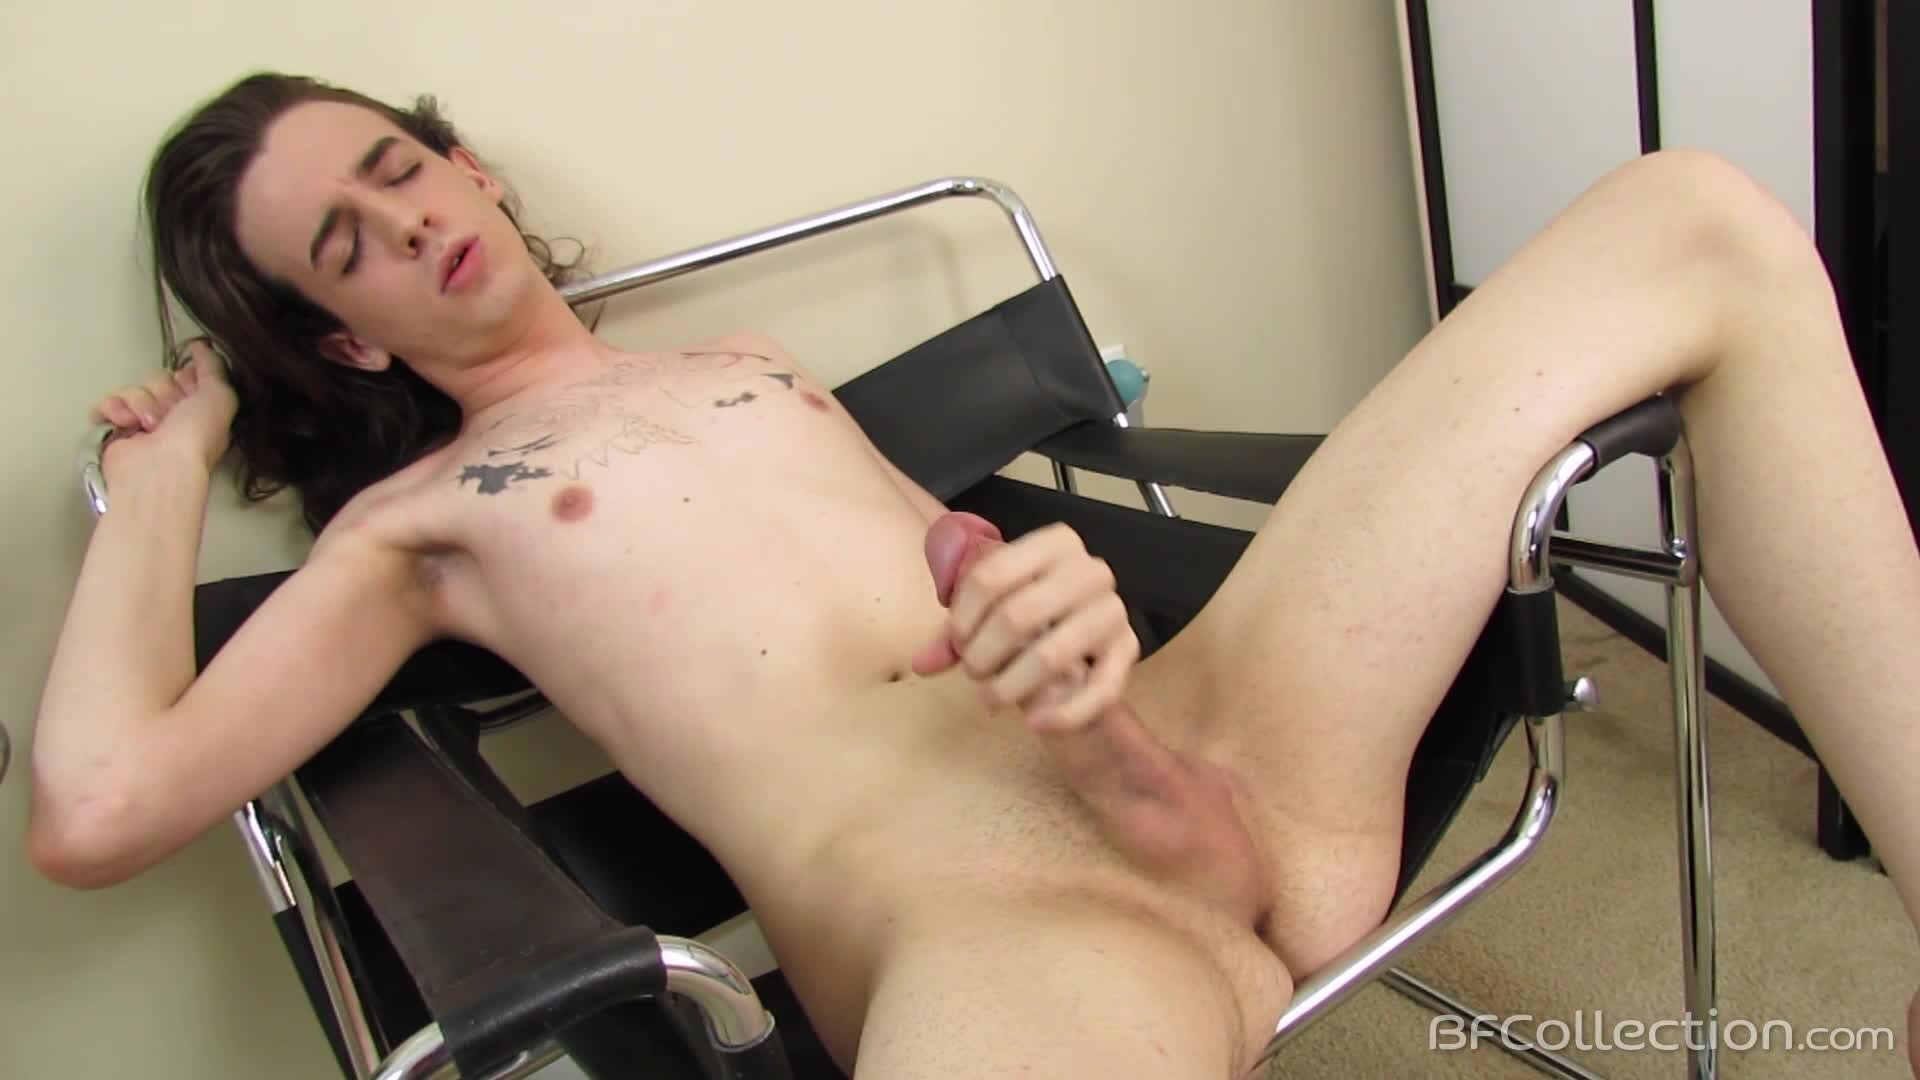 Bisexual free pic porn